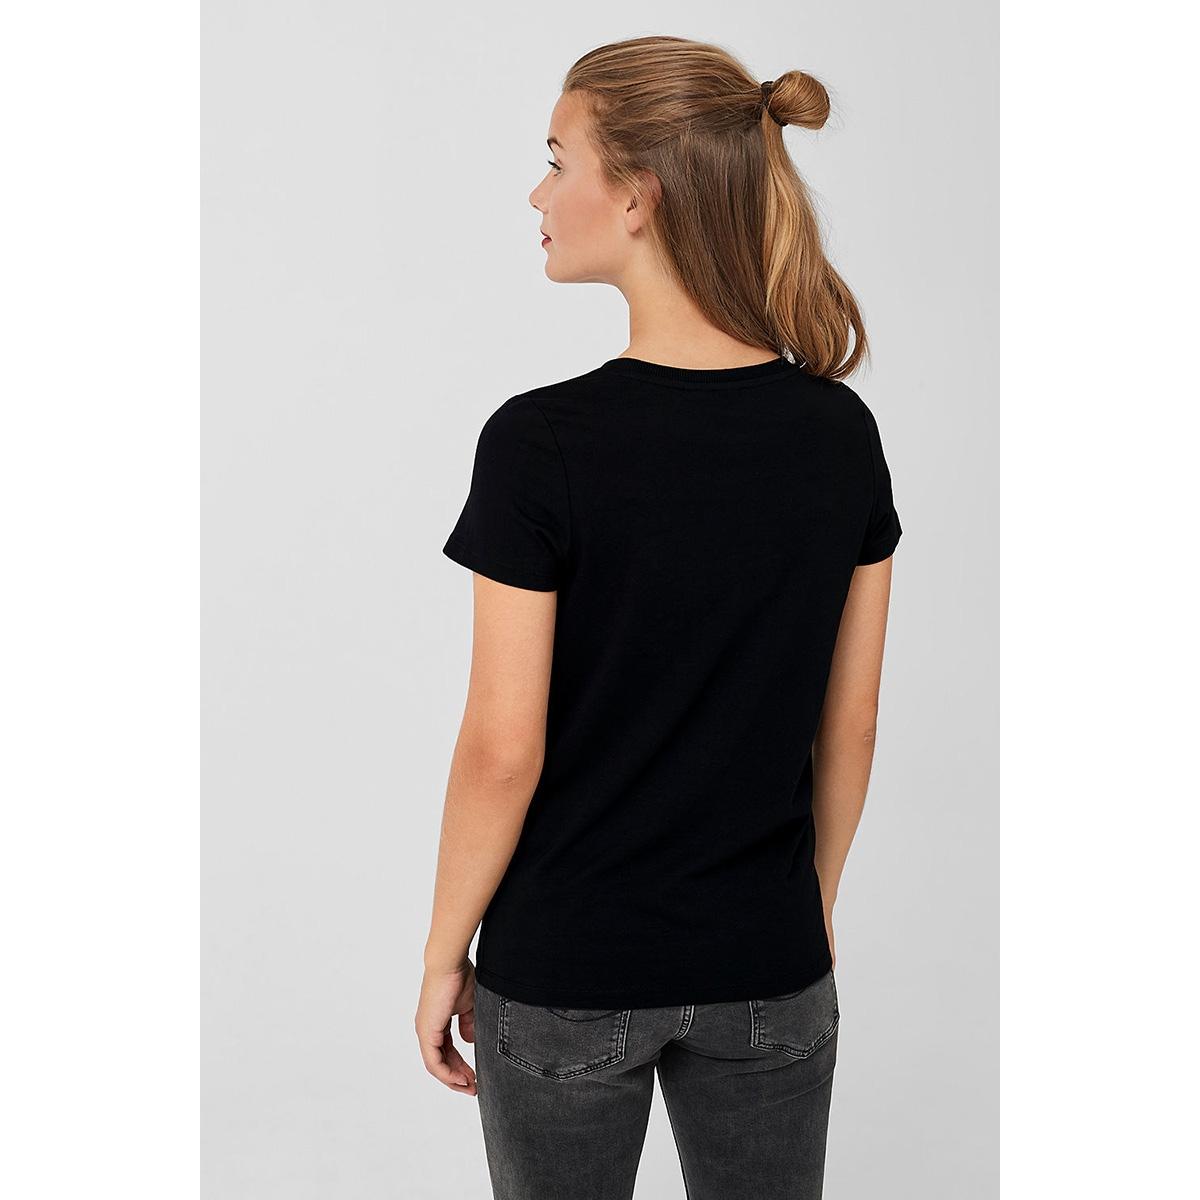 t shirt met applicatie 42907325632 q/s designed by t-shirt 99d0